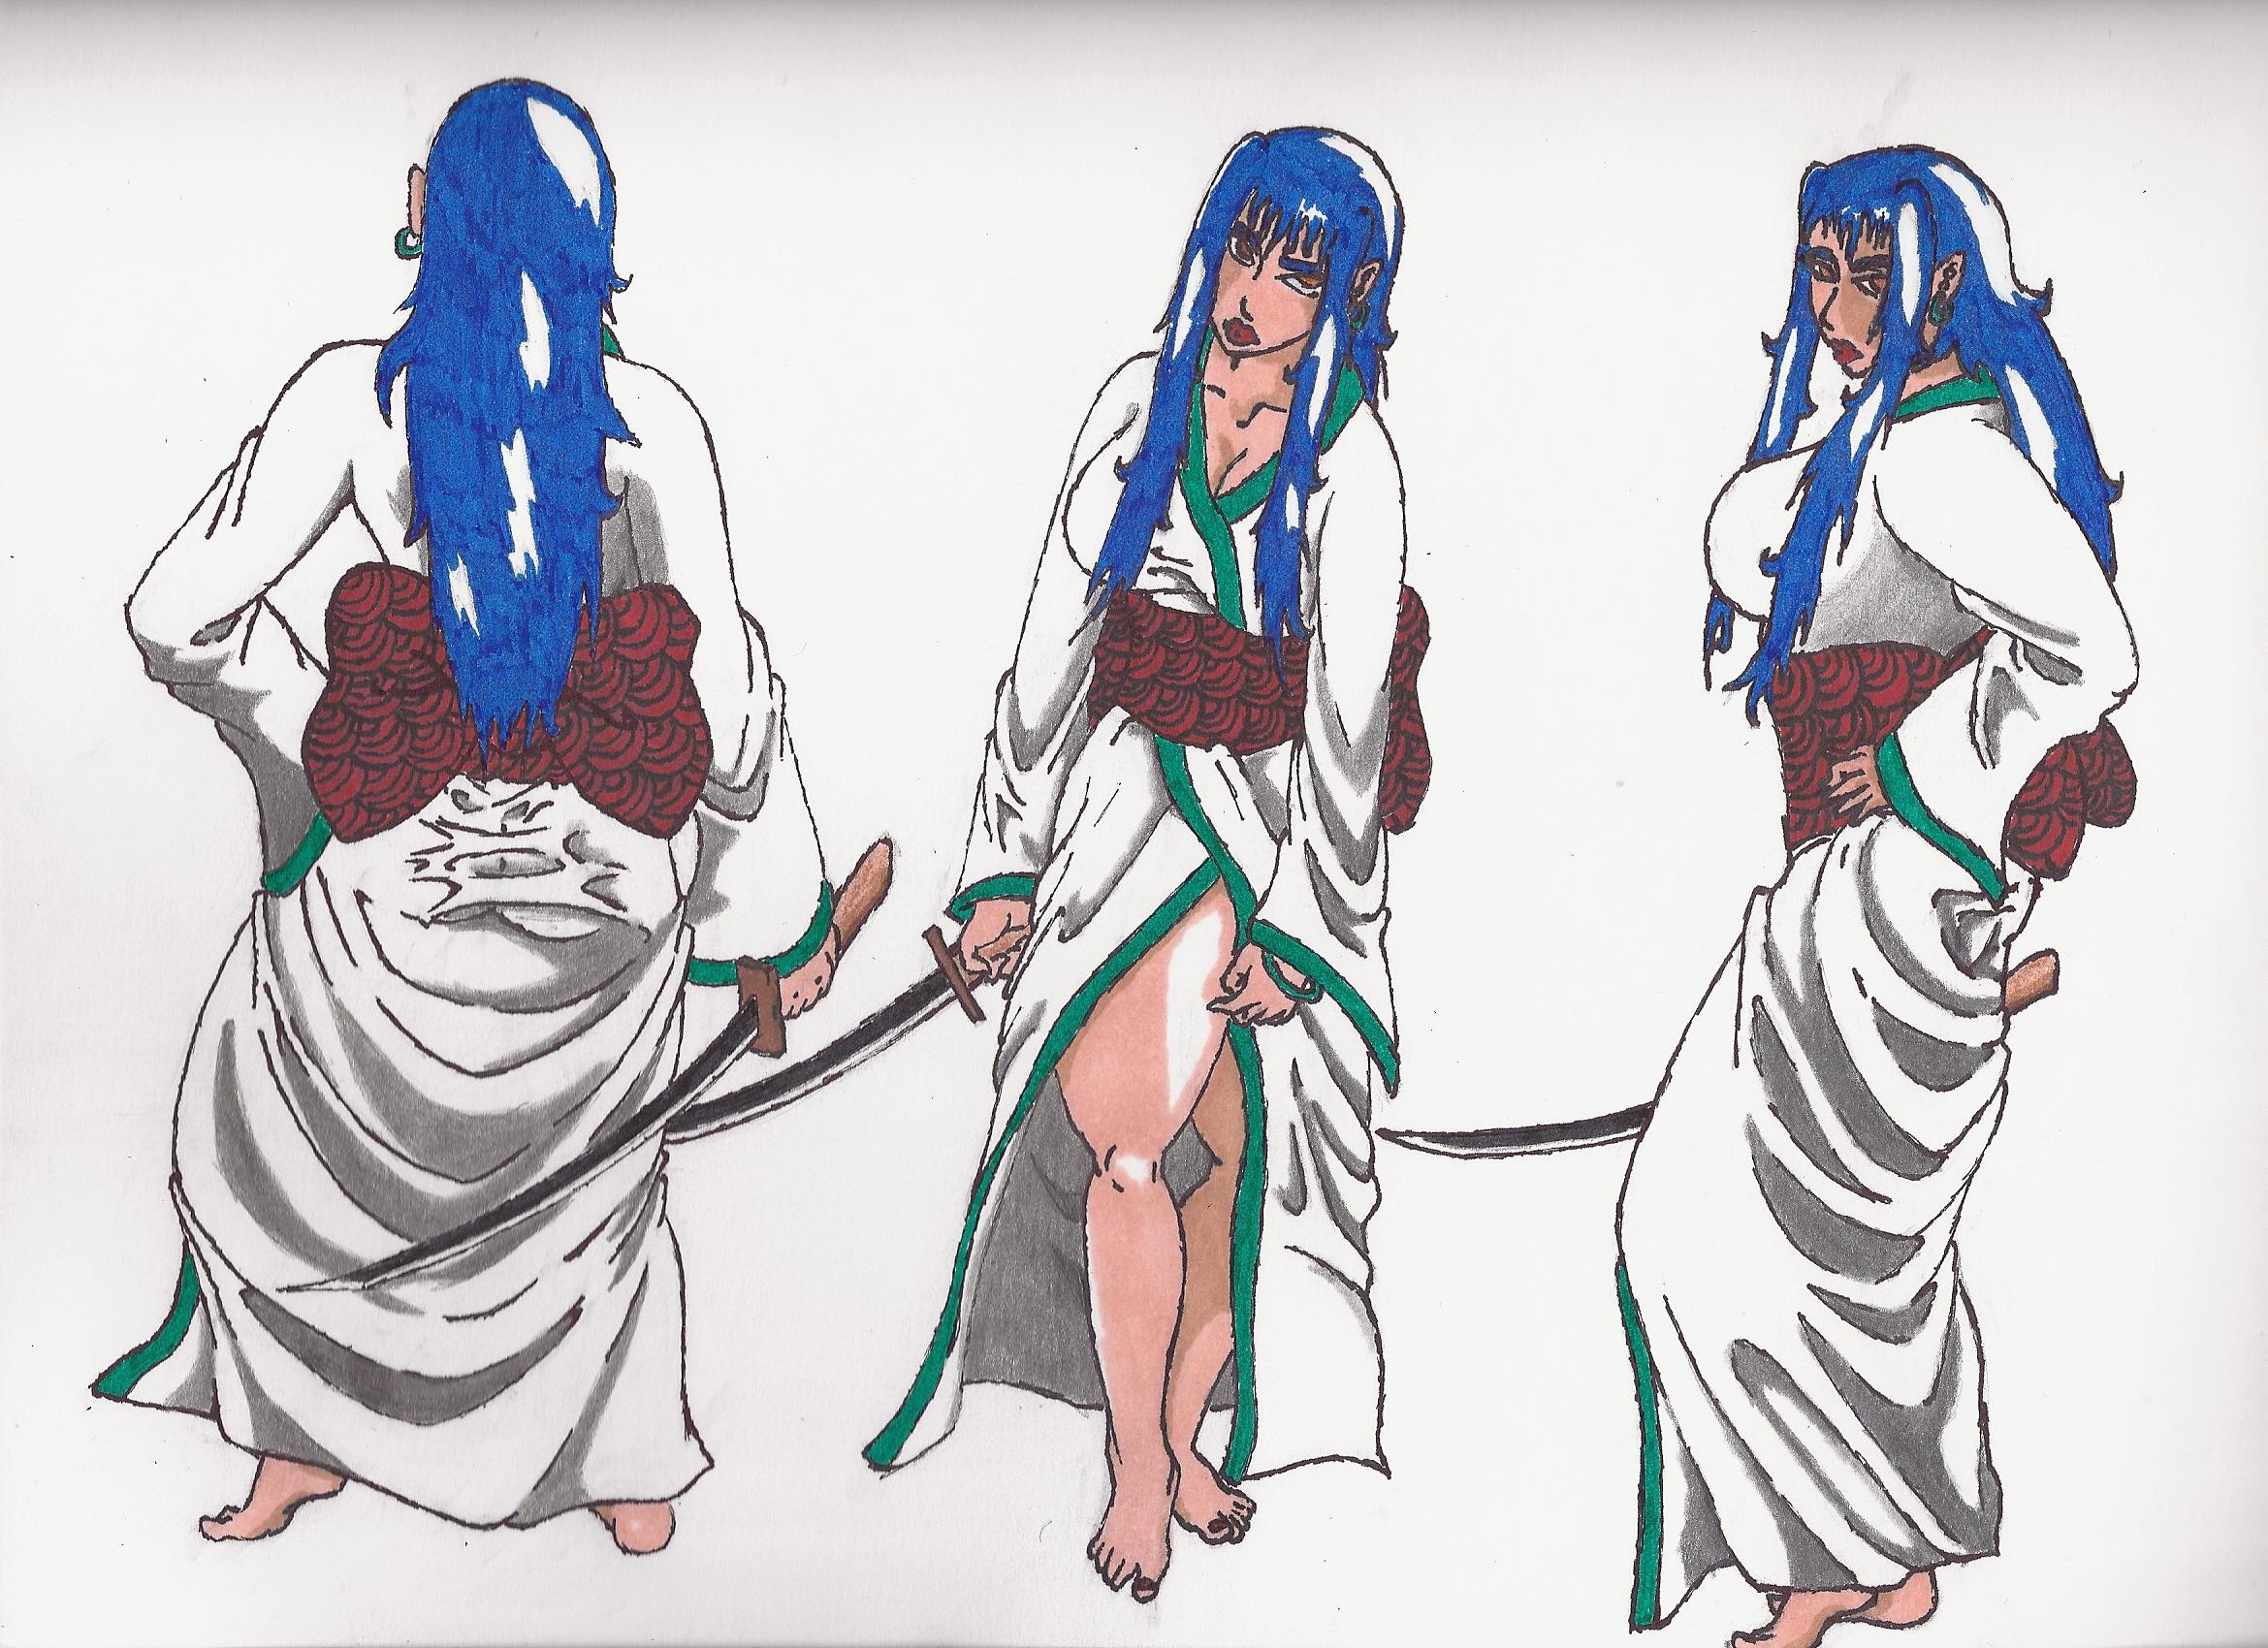 Utsukushii concept